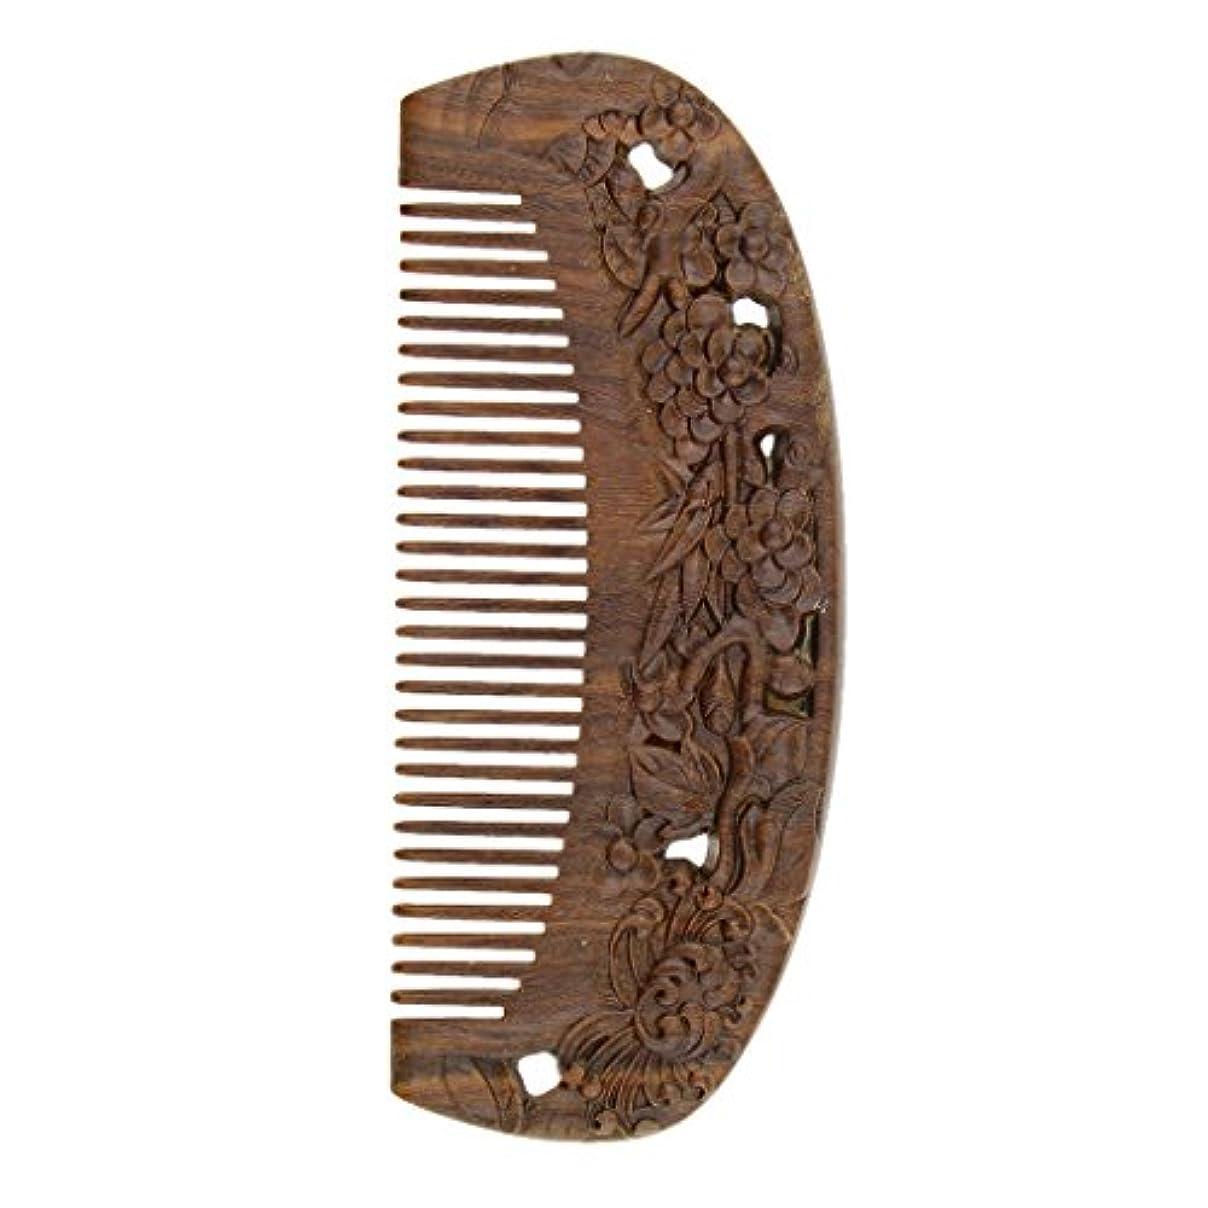 喜び通知する隠されたDYNWAVE ヘアスタイリング 木製コーム ウッドコーム ワイド歯 頭皮マッサージ ヘアブラシ 全2種類 - #2